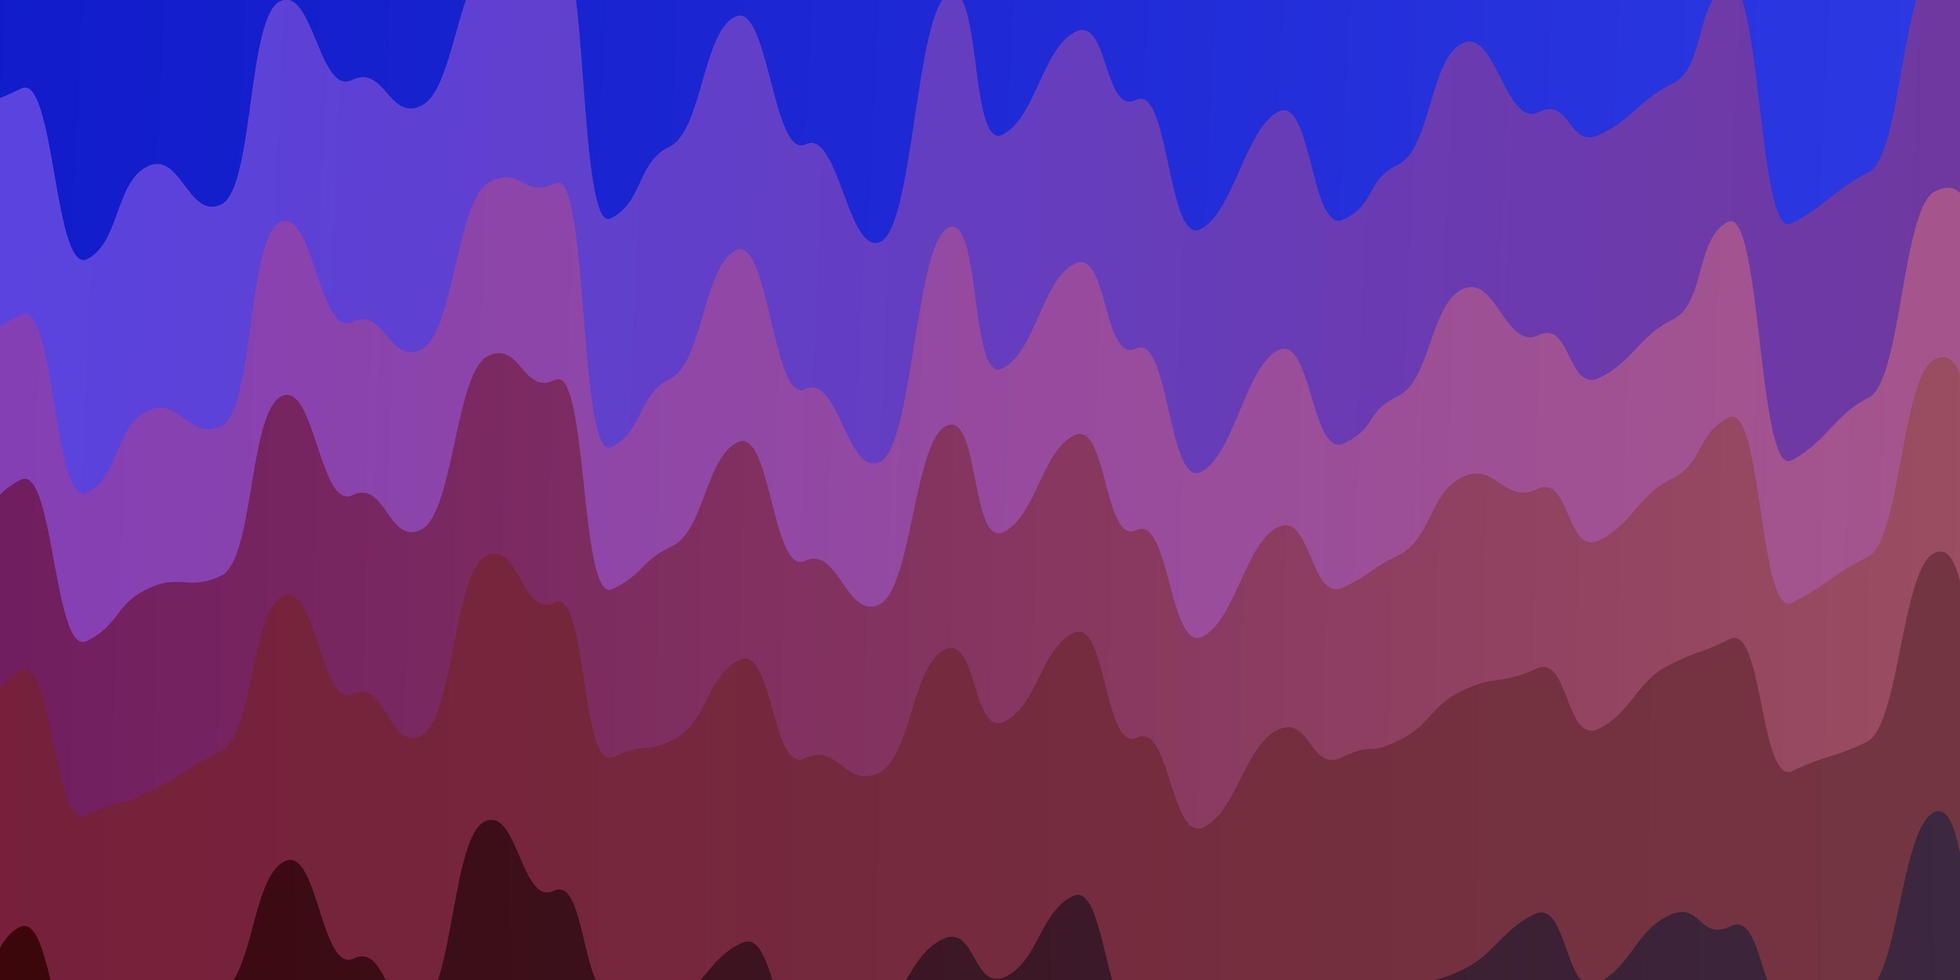 fond bleu clair, rouge avec des lignes ironiques. vecteur